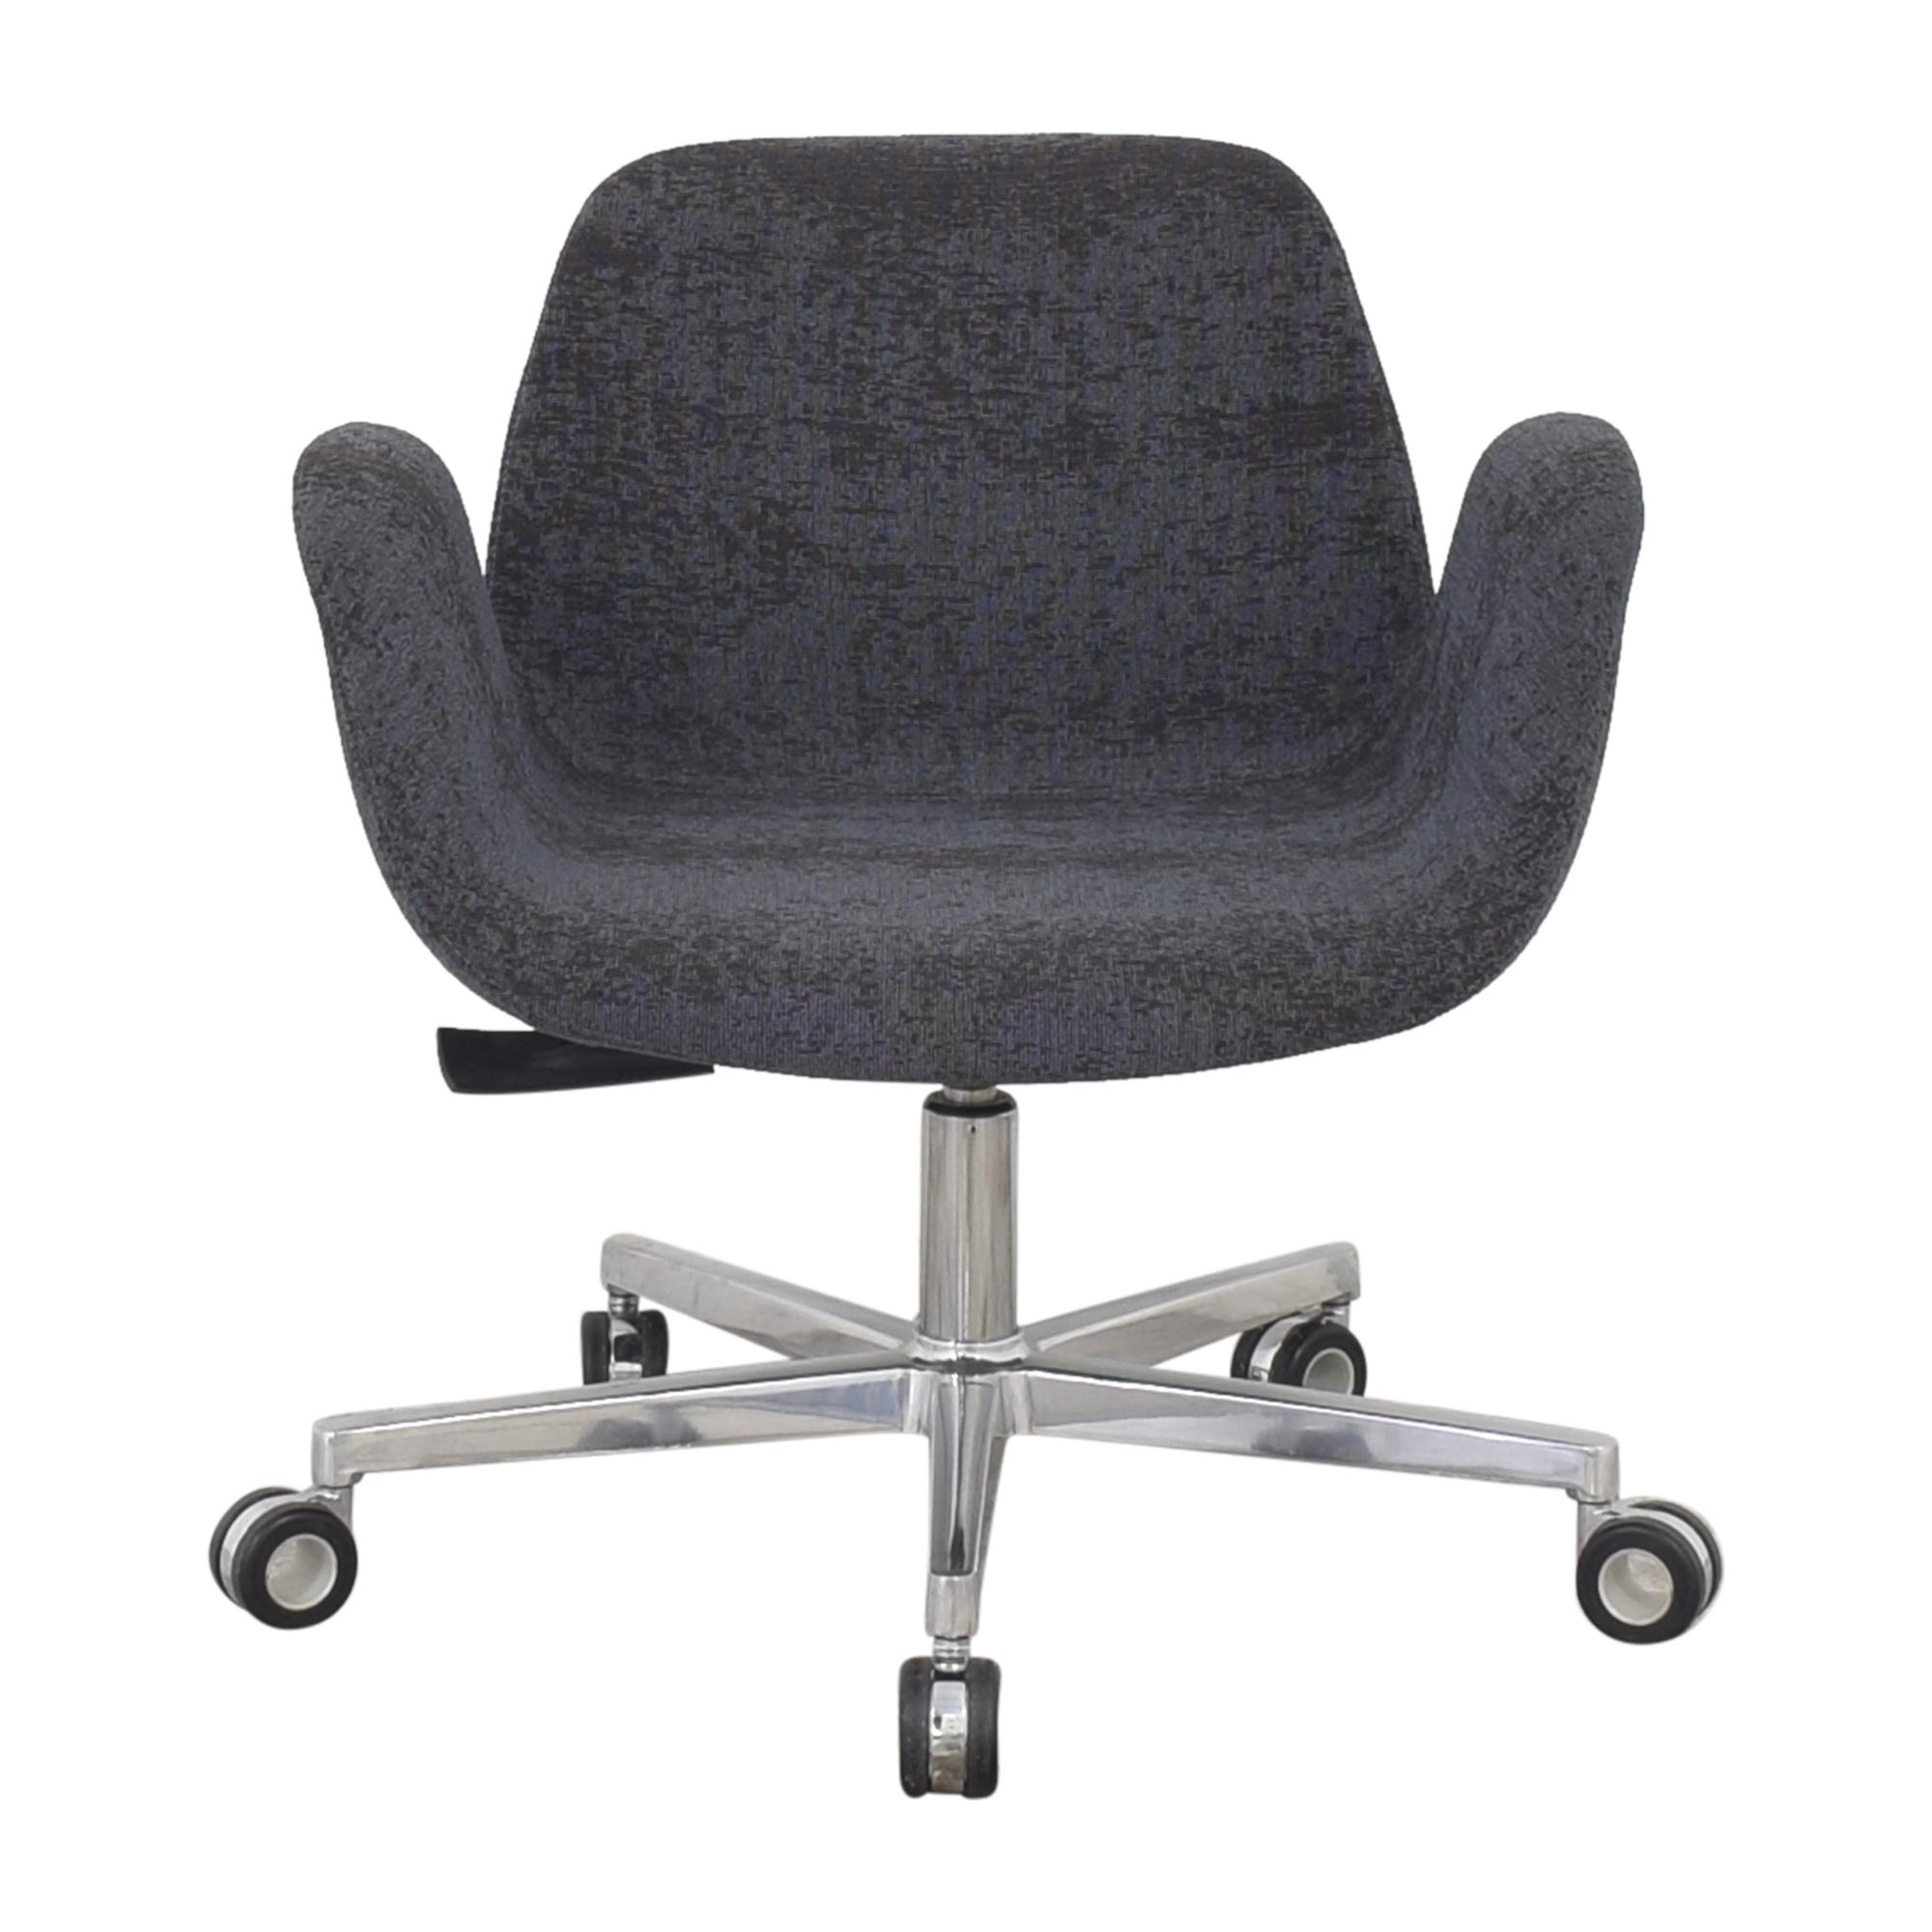 Koleksiyon Koleksiyon Halia Operator Chair price